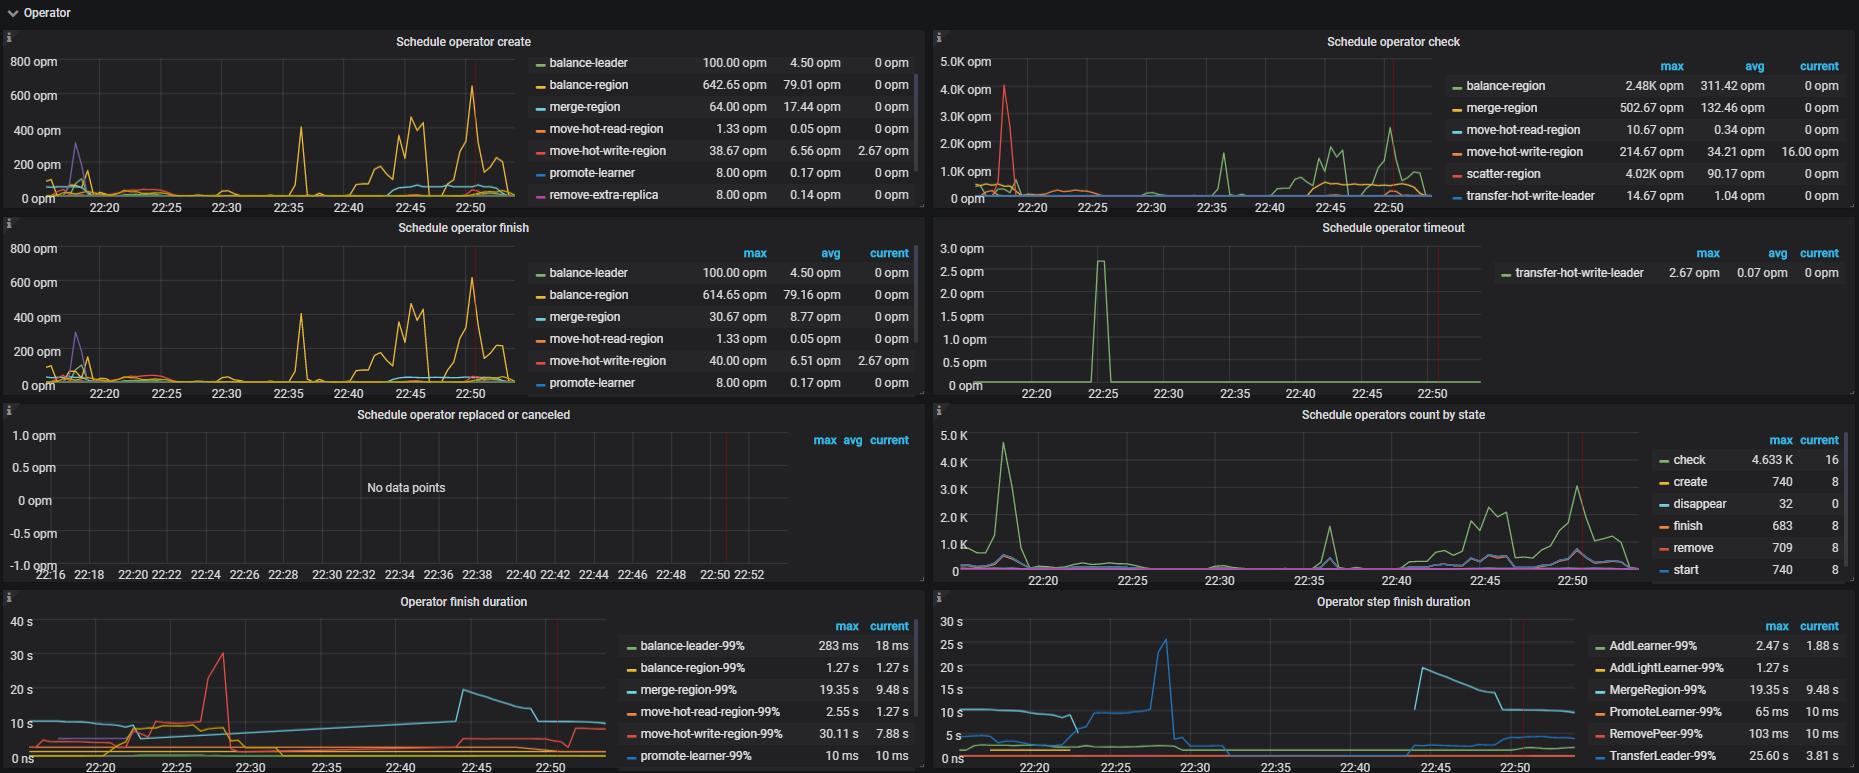 PD Dashboard - Operator metrics